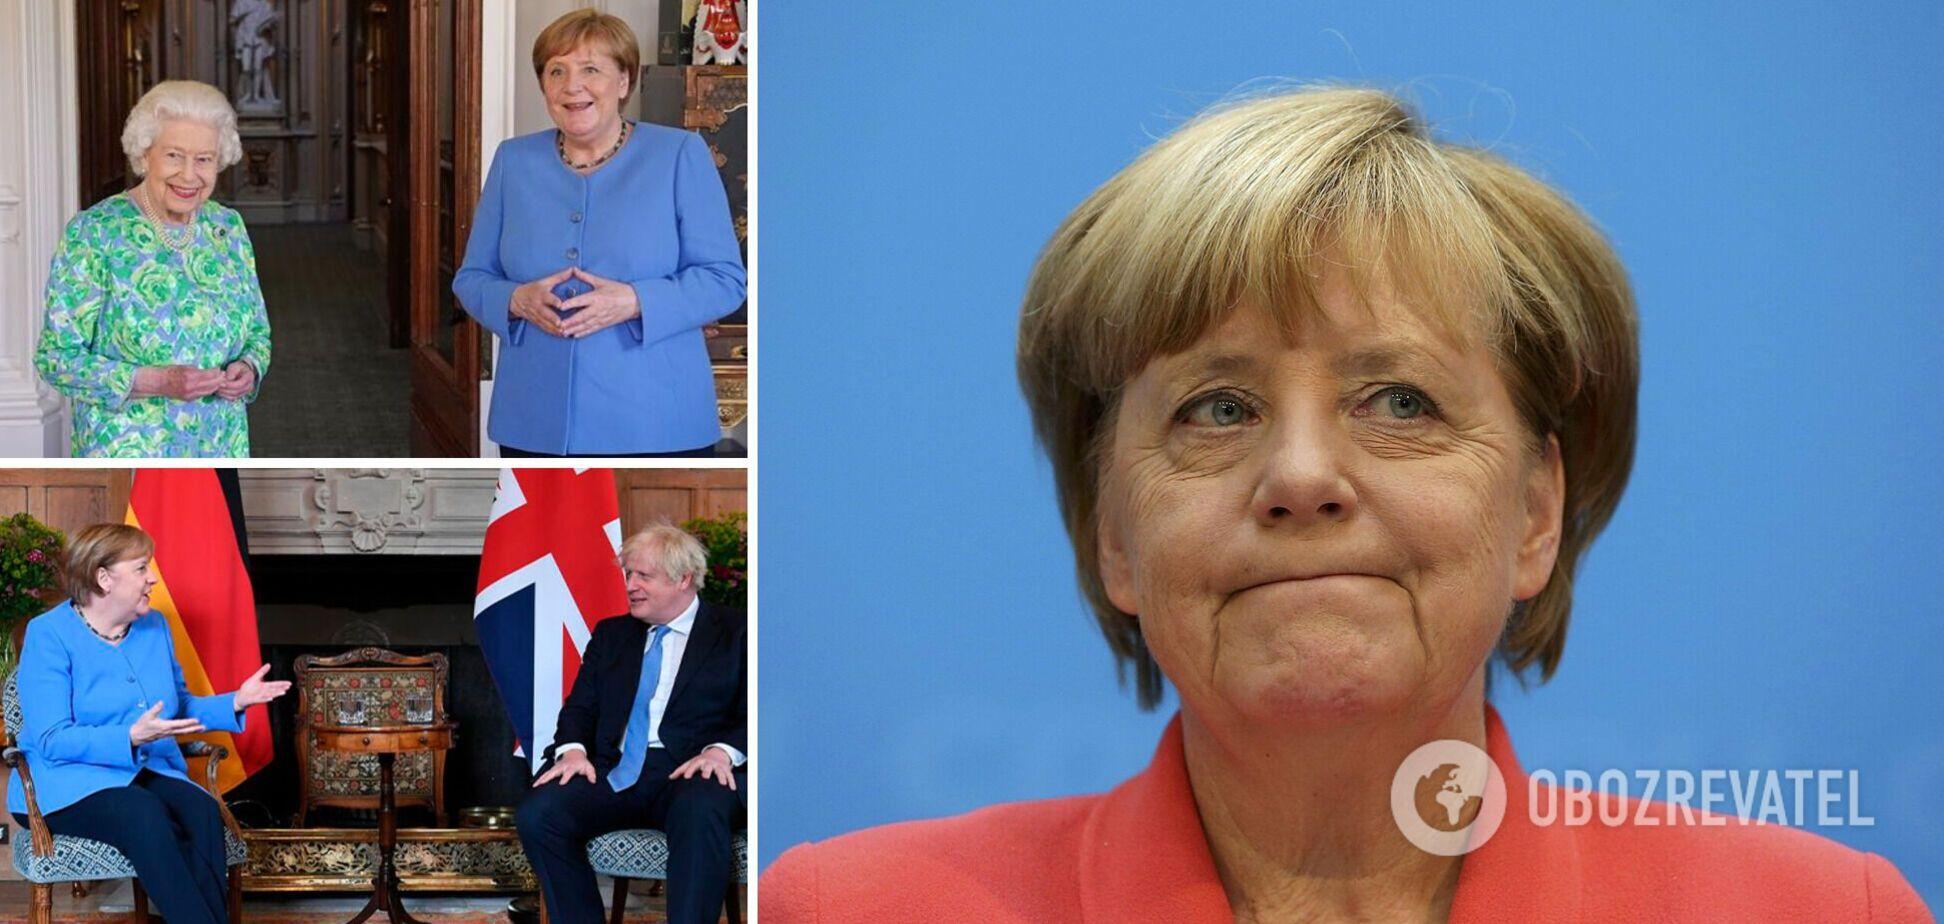 Меркель последний раз прибыла в Британию в качестве канцлера Германии: ее приняла королева Елизавета ІІ